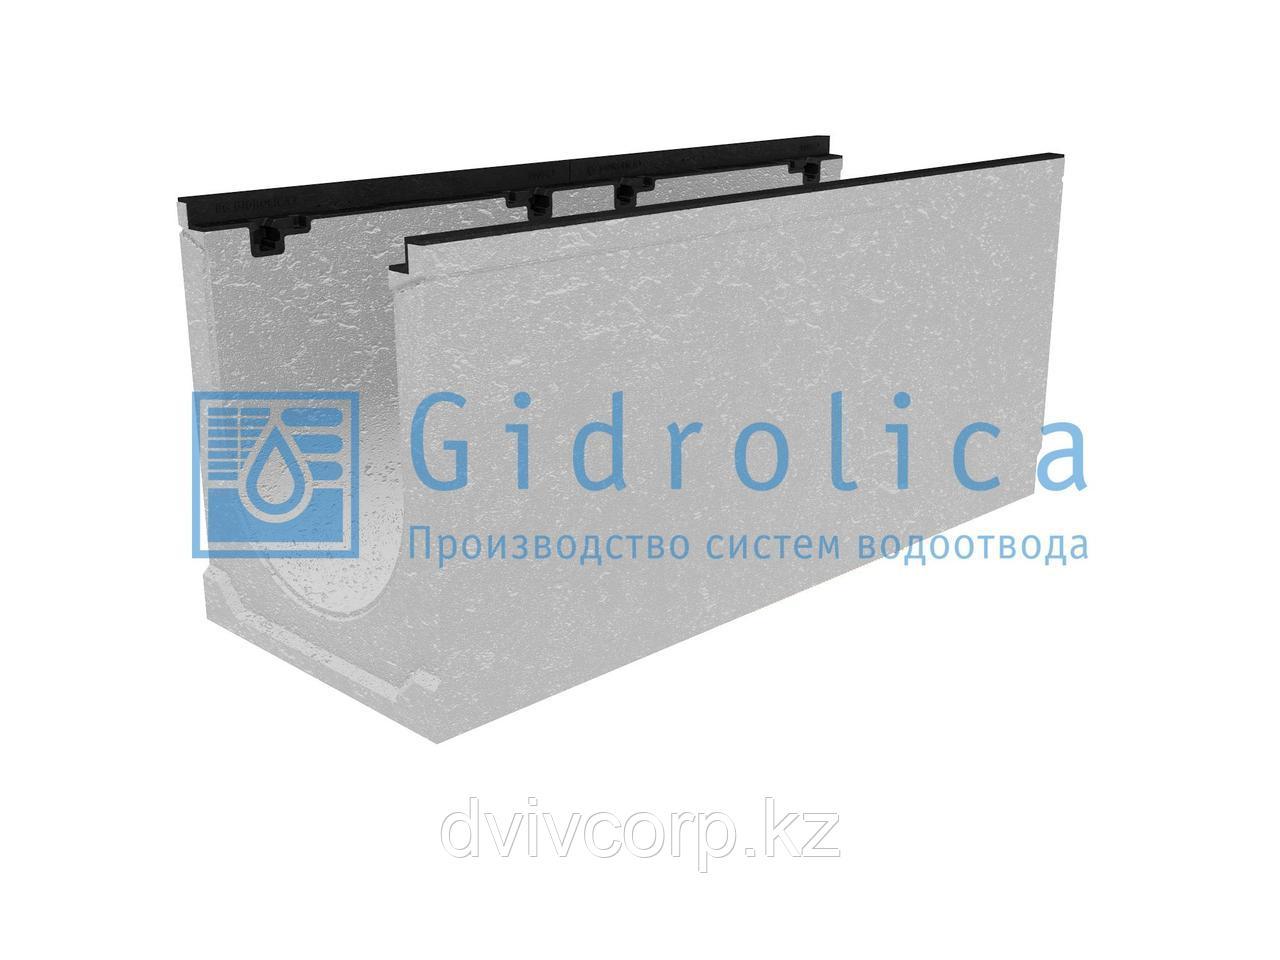 Лоток водоотводный бетонный коробчатый (СО-300мм), с чугунной насадкой  КU 100.39,9 (30).44,5(37,5) - BGZ-S, №